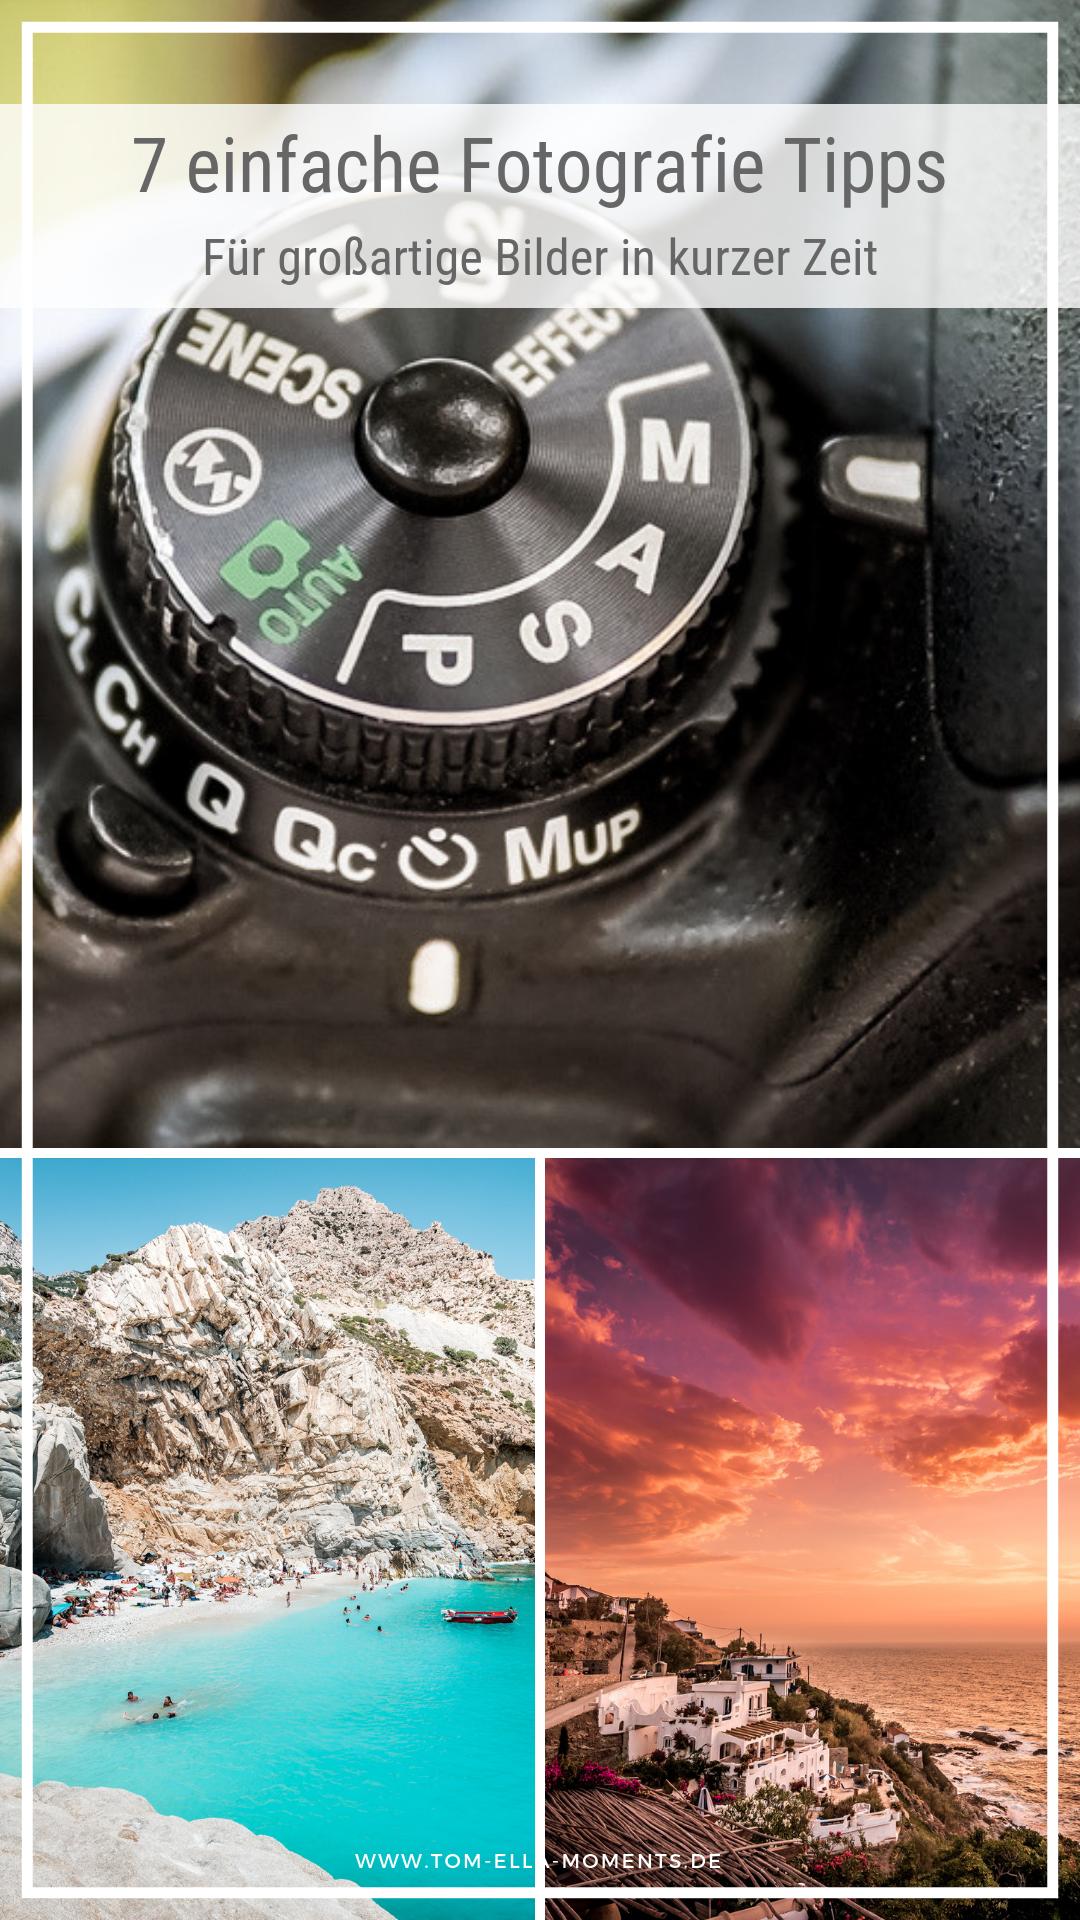 Fotografie Tipps • Die 7 besten Fotografie Regeln für perfekte Fotos